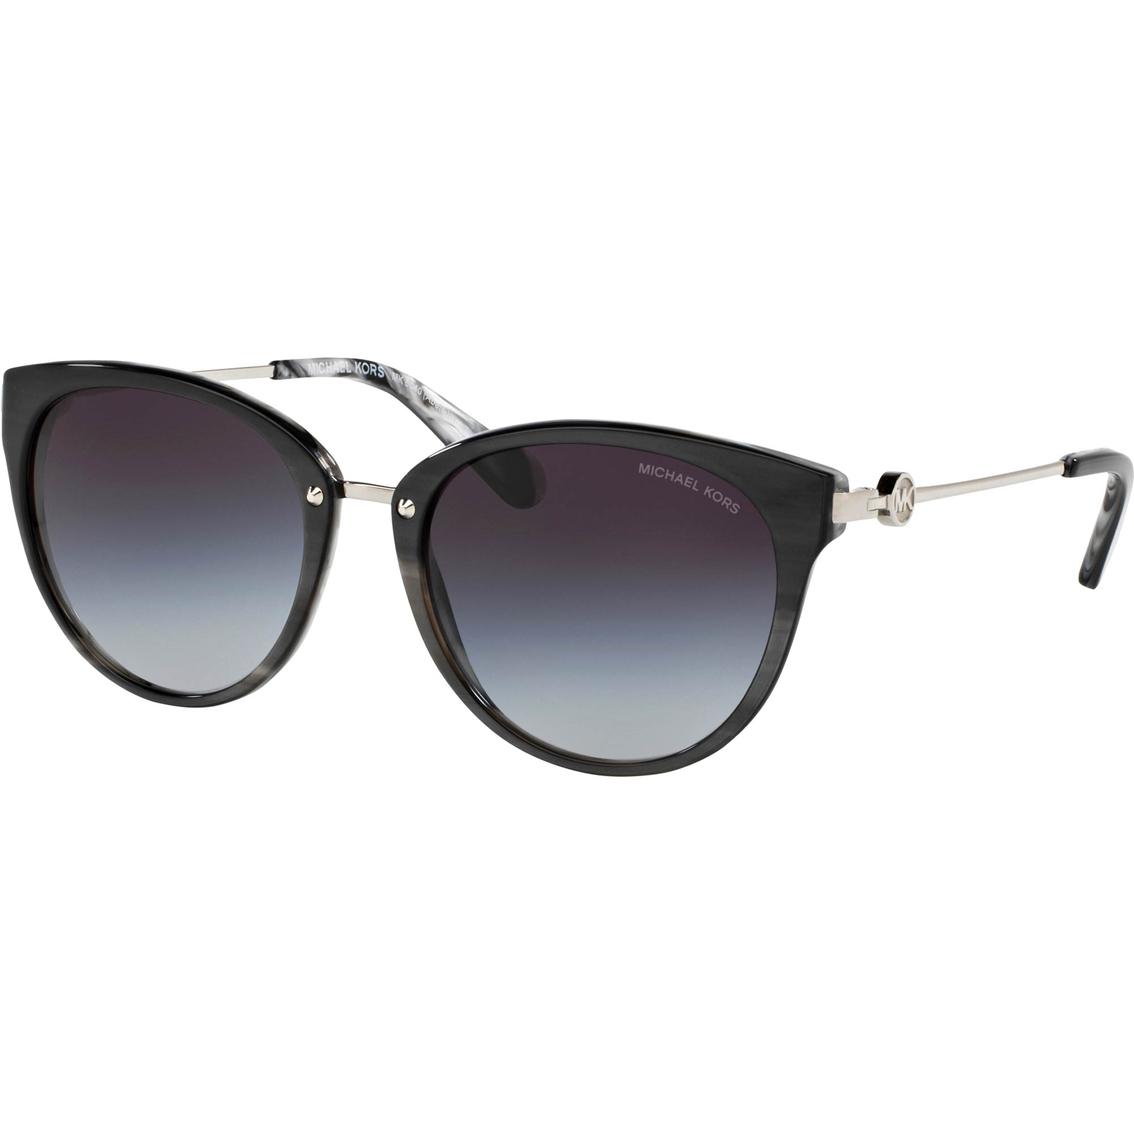 f4628c4c9c09 Michael Kors Cat Eye Sunglasses Omk 6040 | Sunglasses | Shop The ...